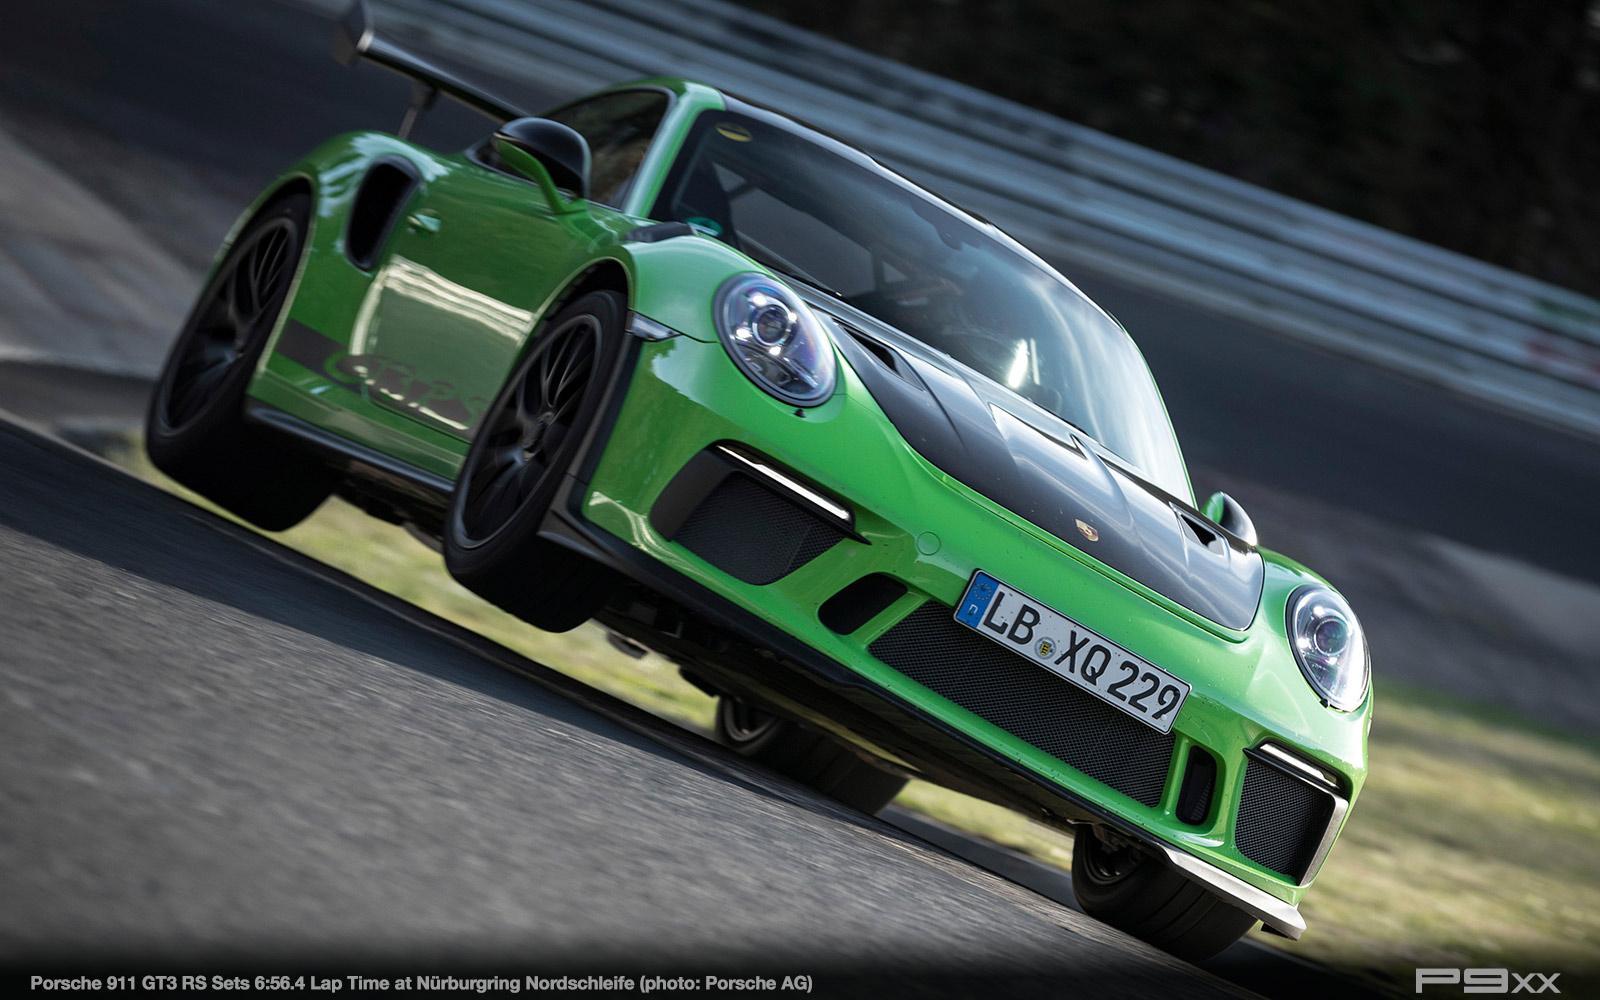 Porsche-911-9912-GT3-RS-Sets-Nurburgring-Lap-Time-286